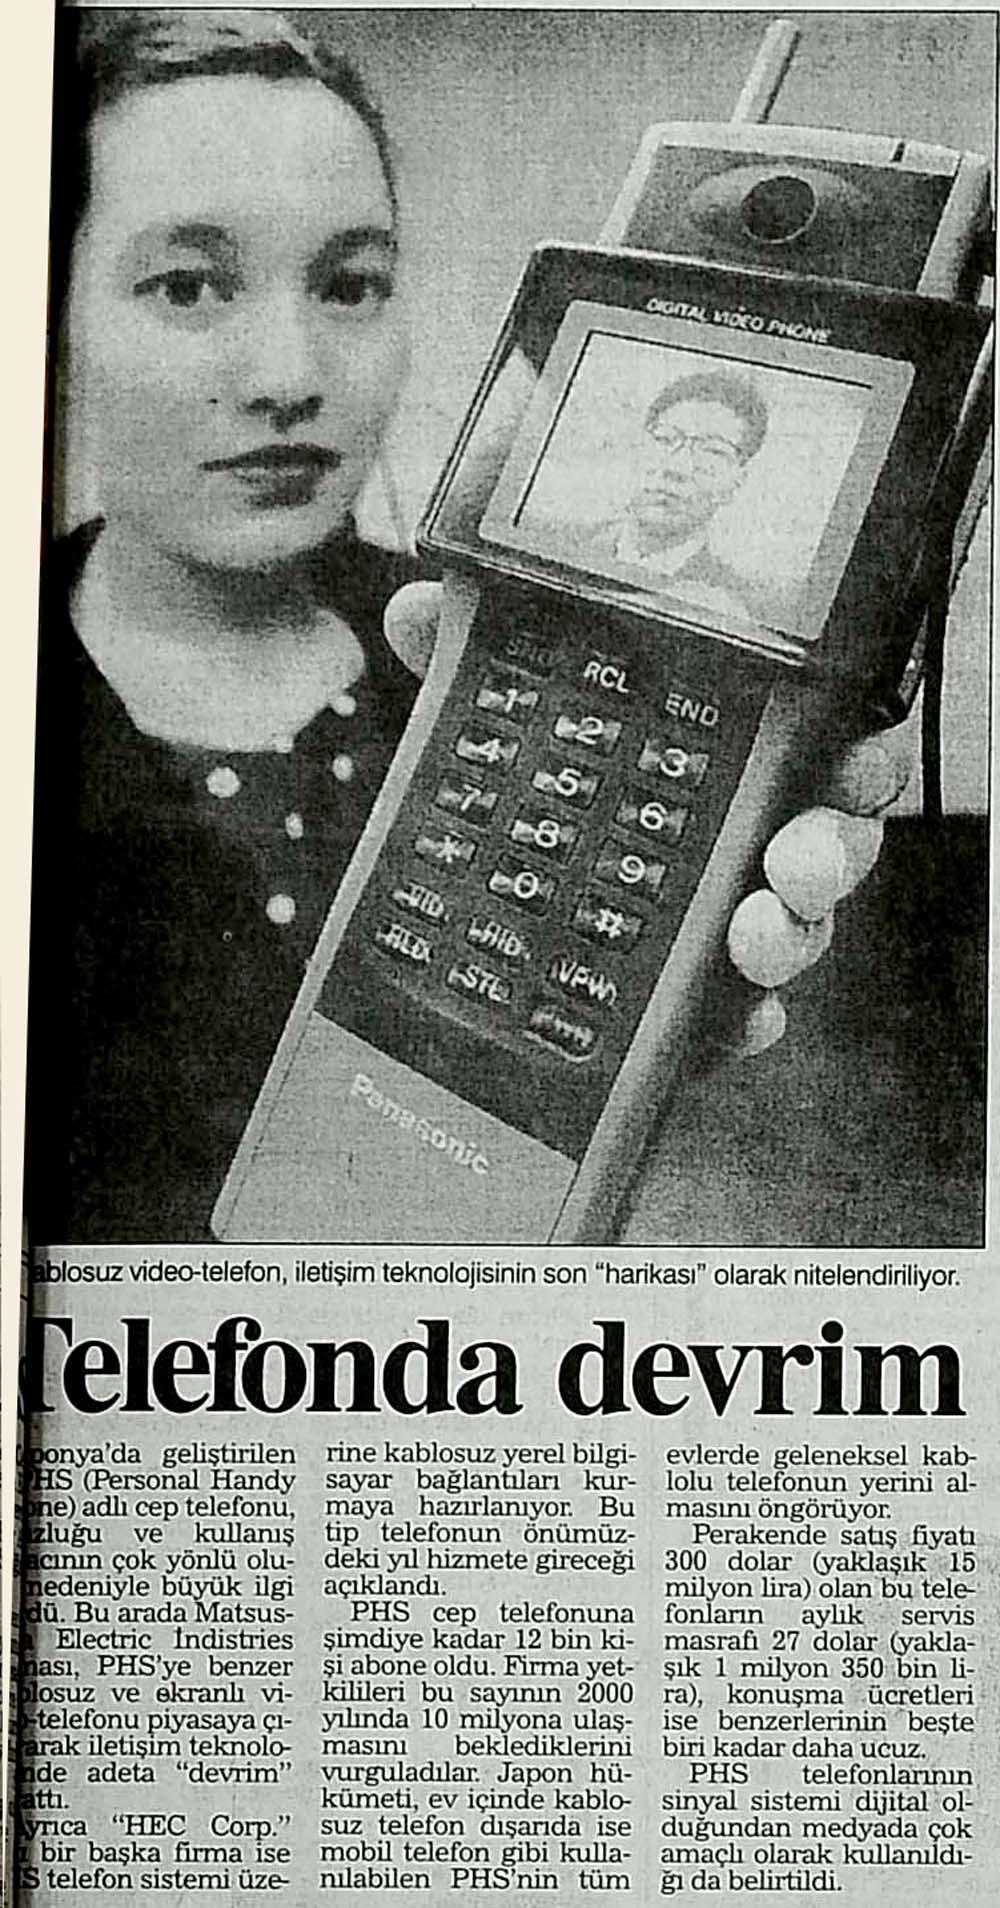 Telefonda devrim